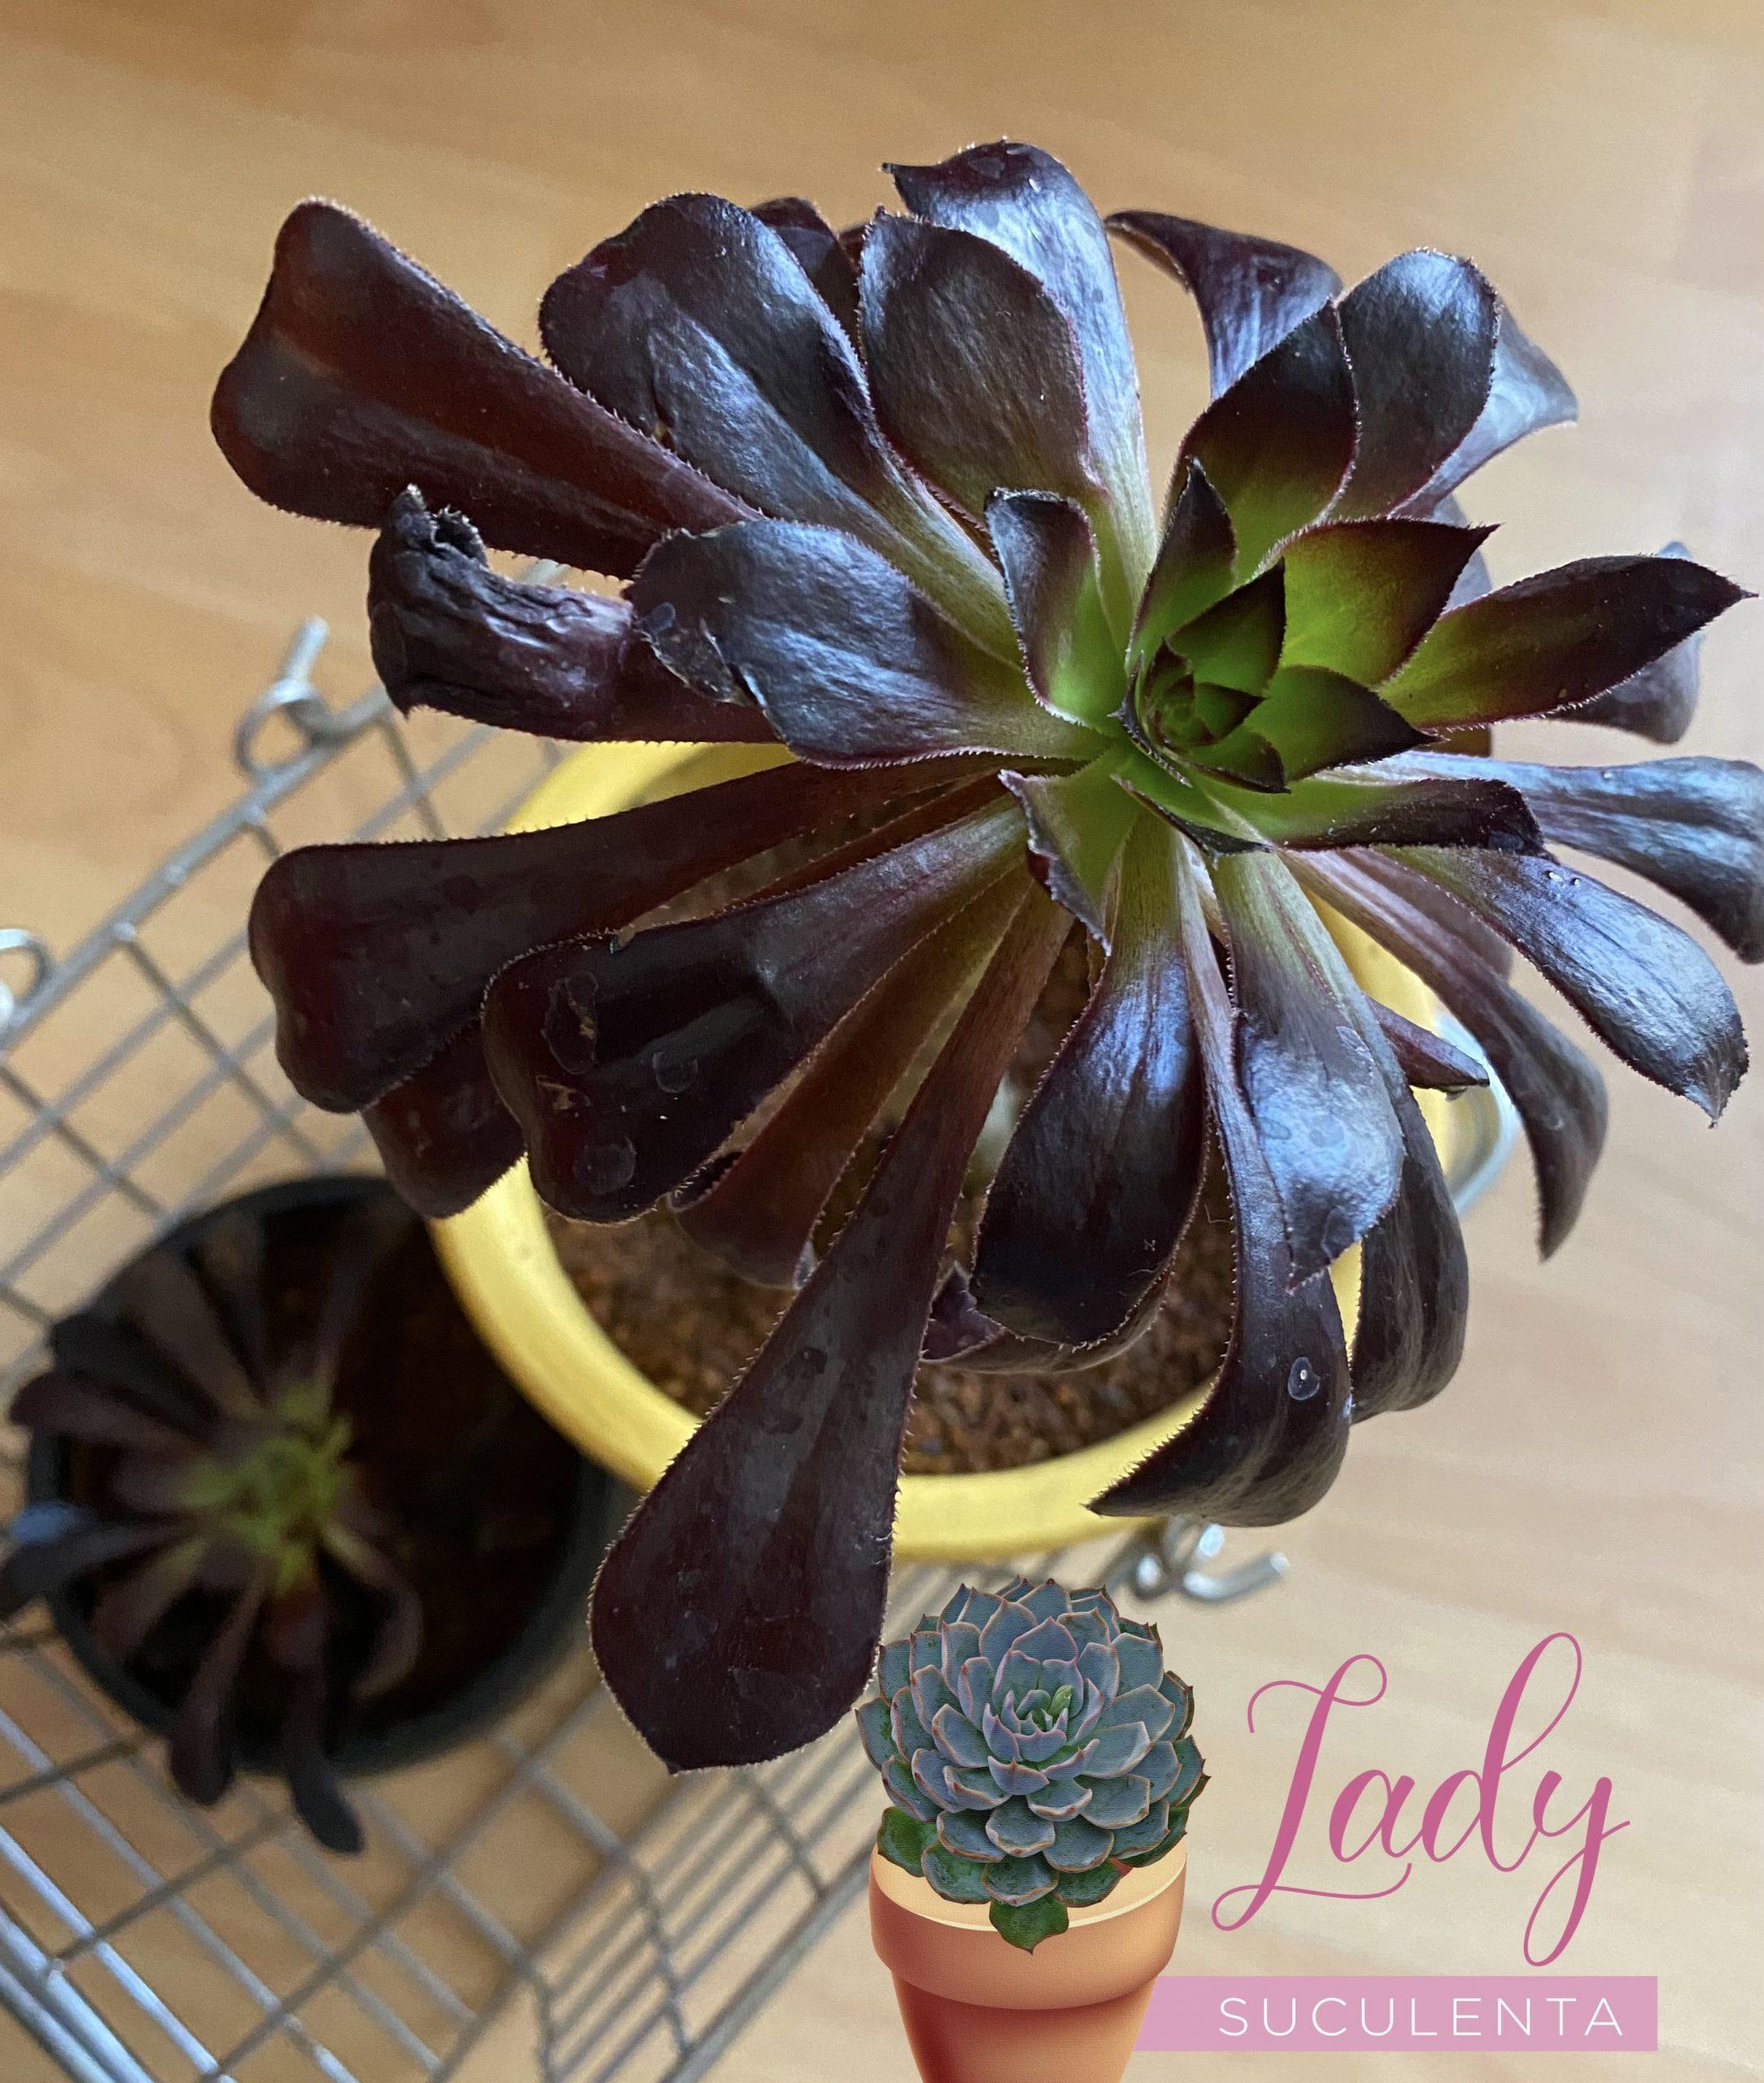 Las suculentas negras, glamorosas, modernas para los amantes de la decoración gótica